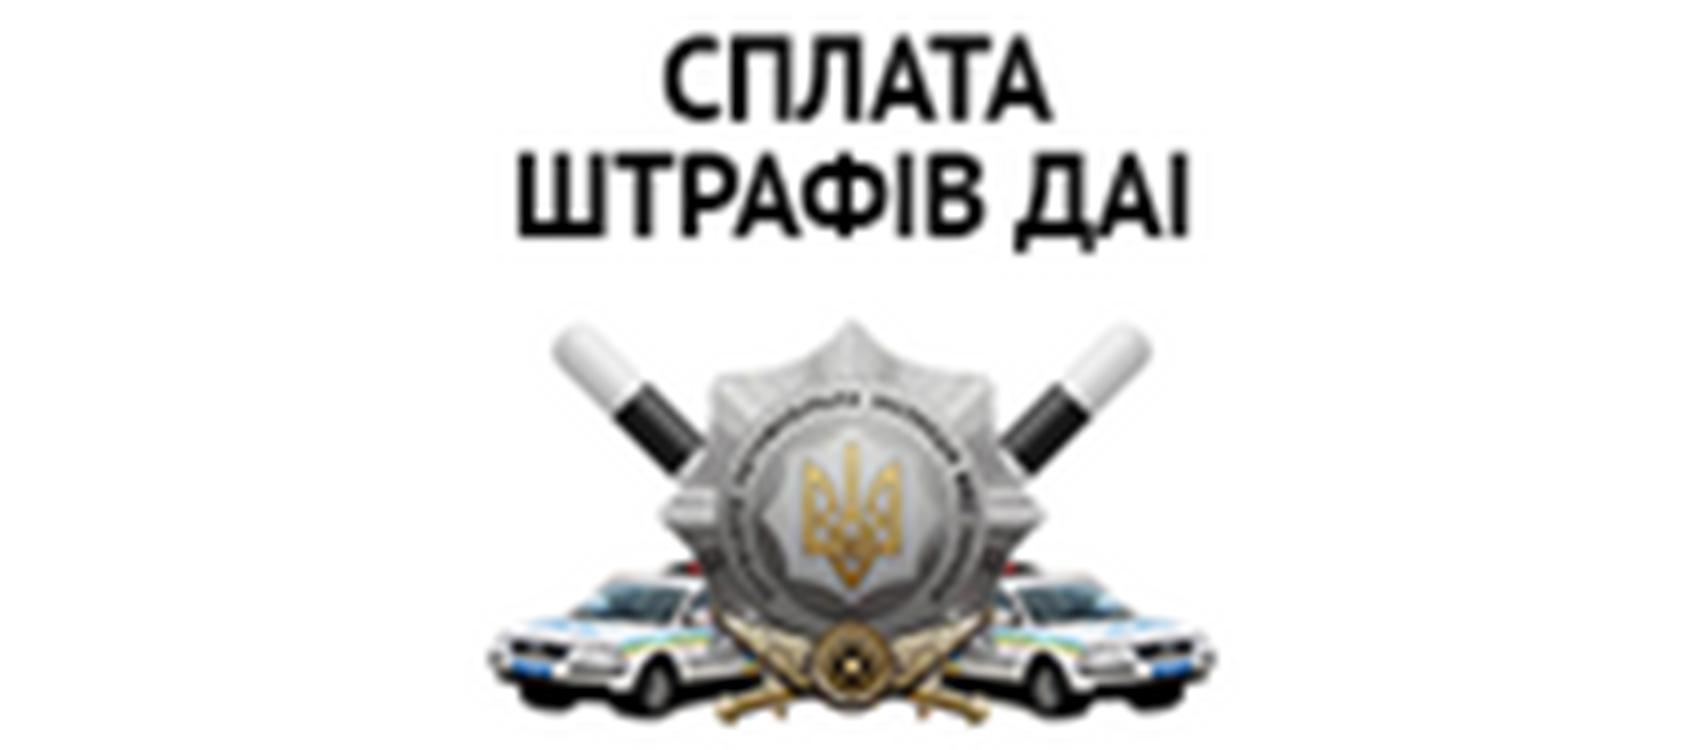 Штрафи ПДР за тех. паспортом